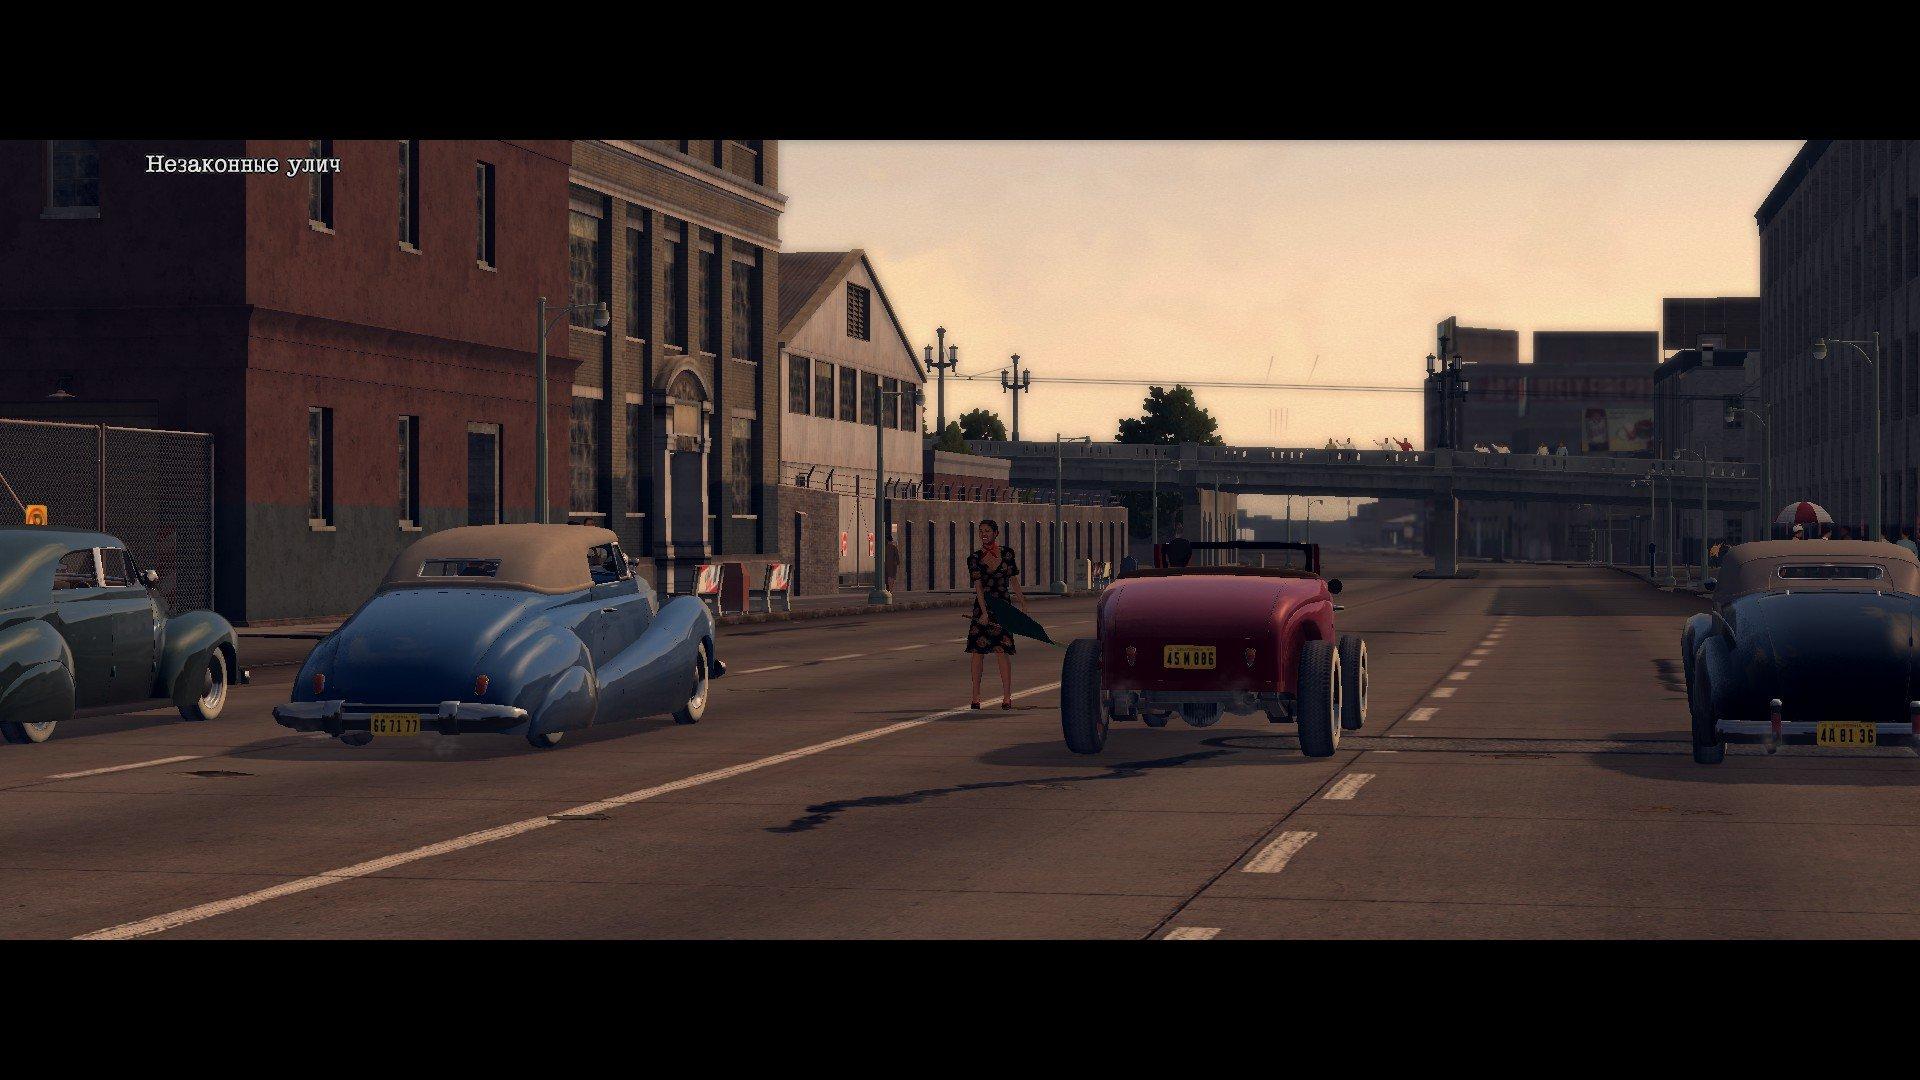 Пост-прохождение L.A. Noire Часть 6 - Изображение 34